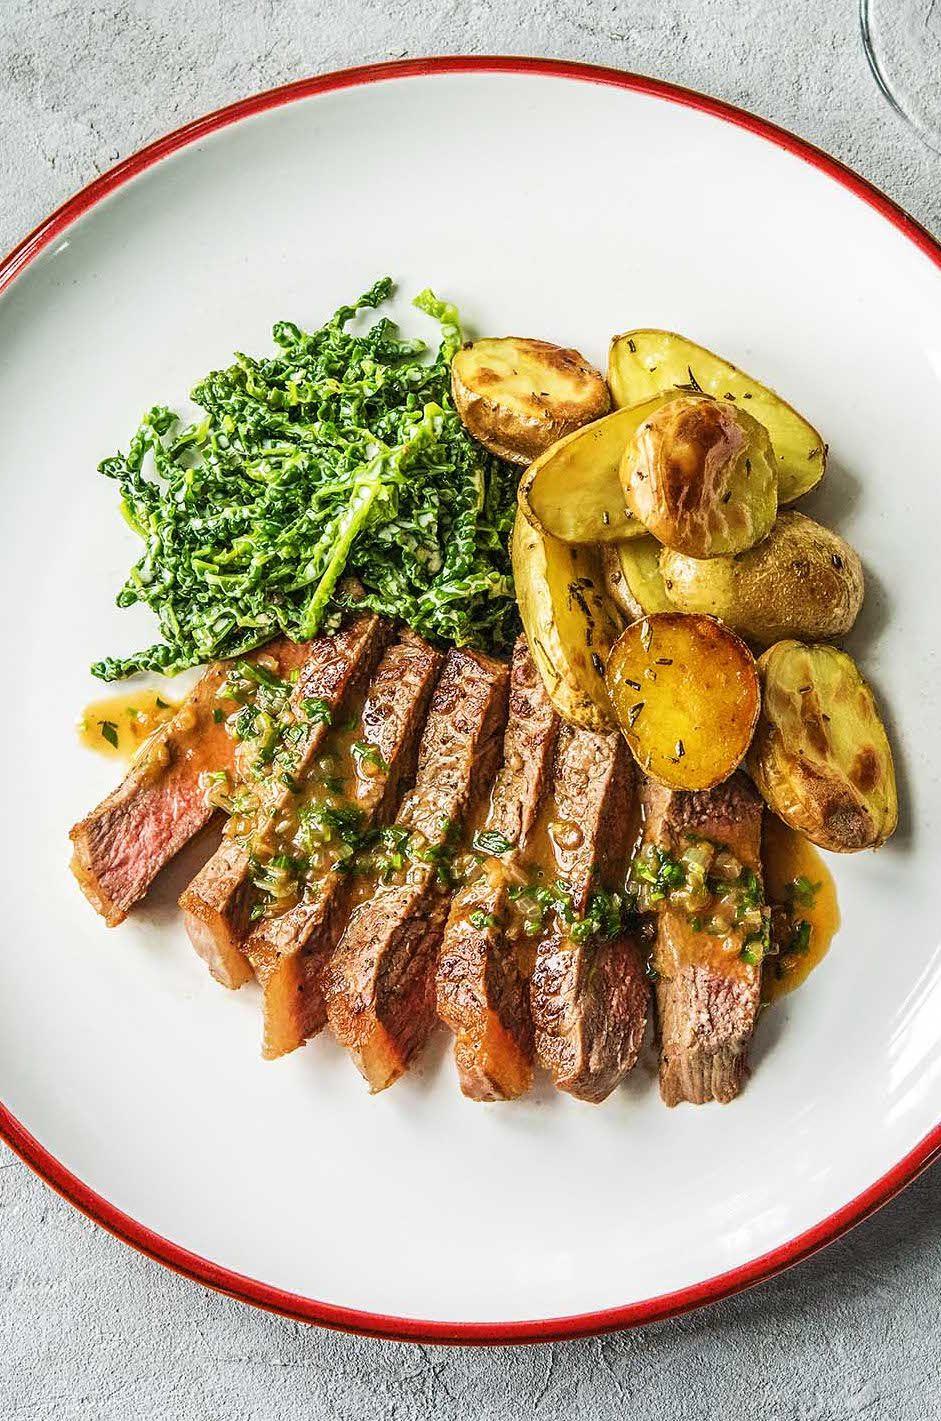 healthy diet steak recipes